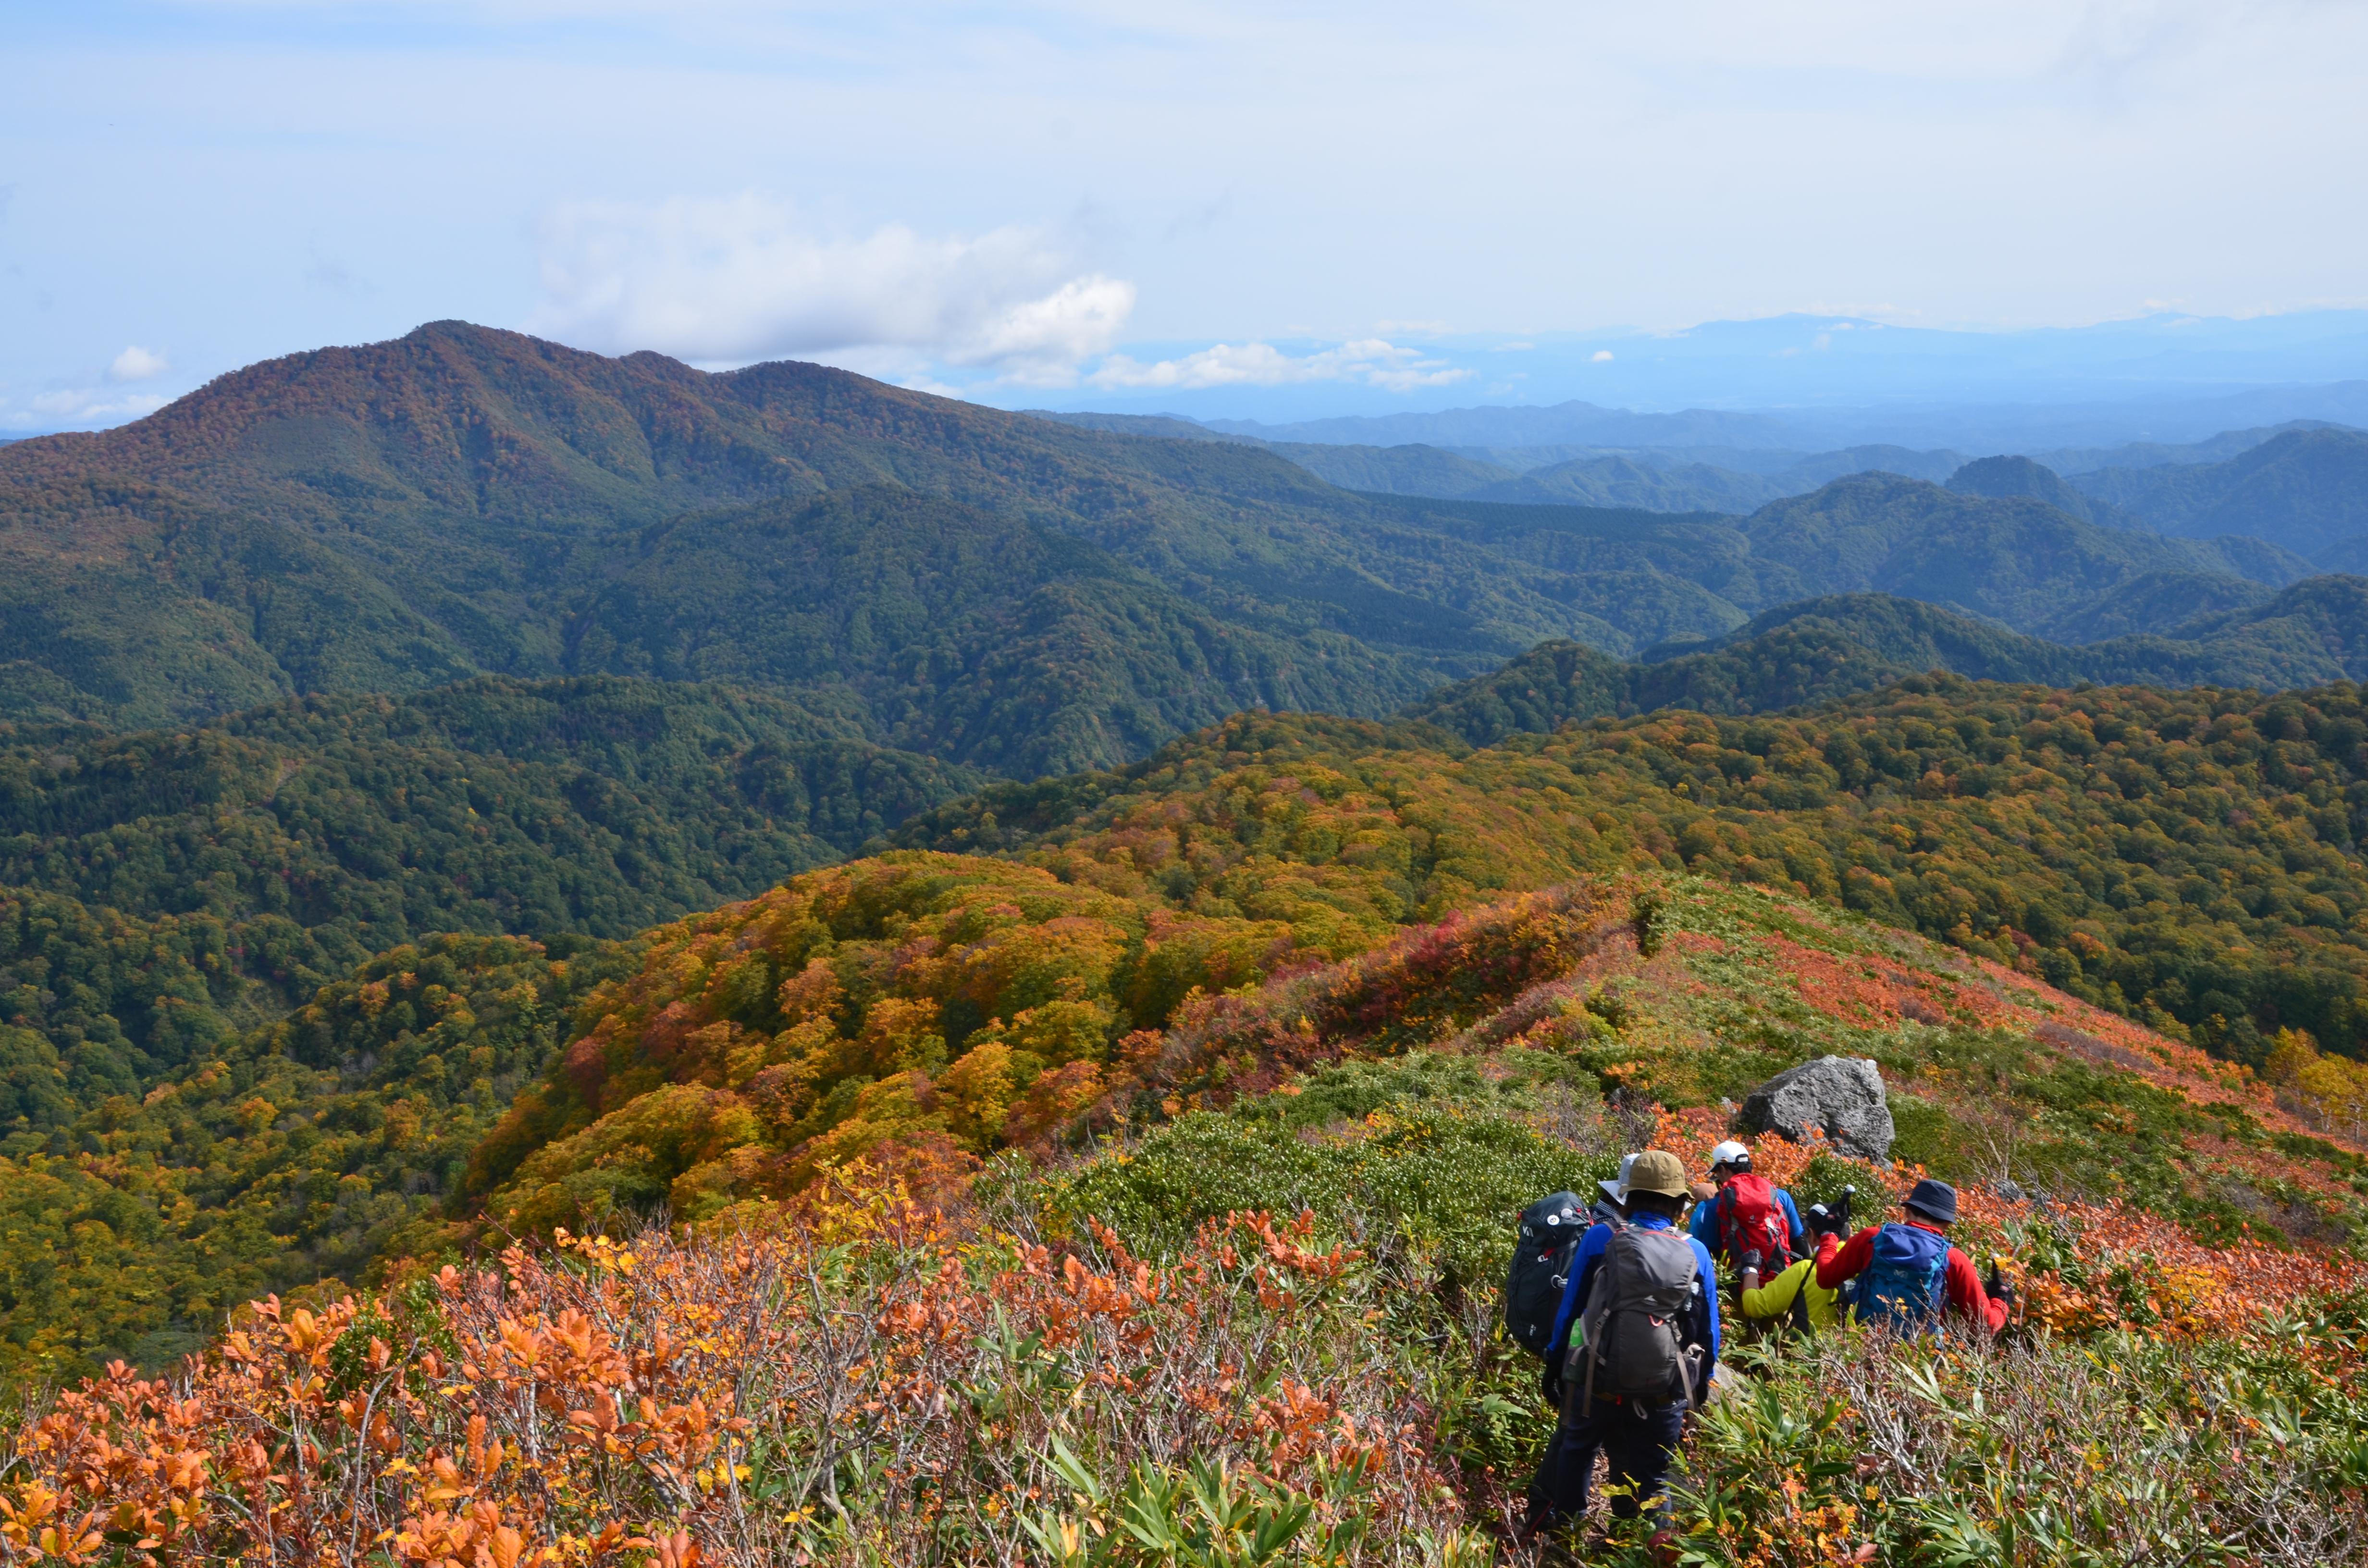 藤里町の自然体験が人気!白神山地や定番観光スポットをご紹介!